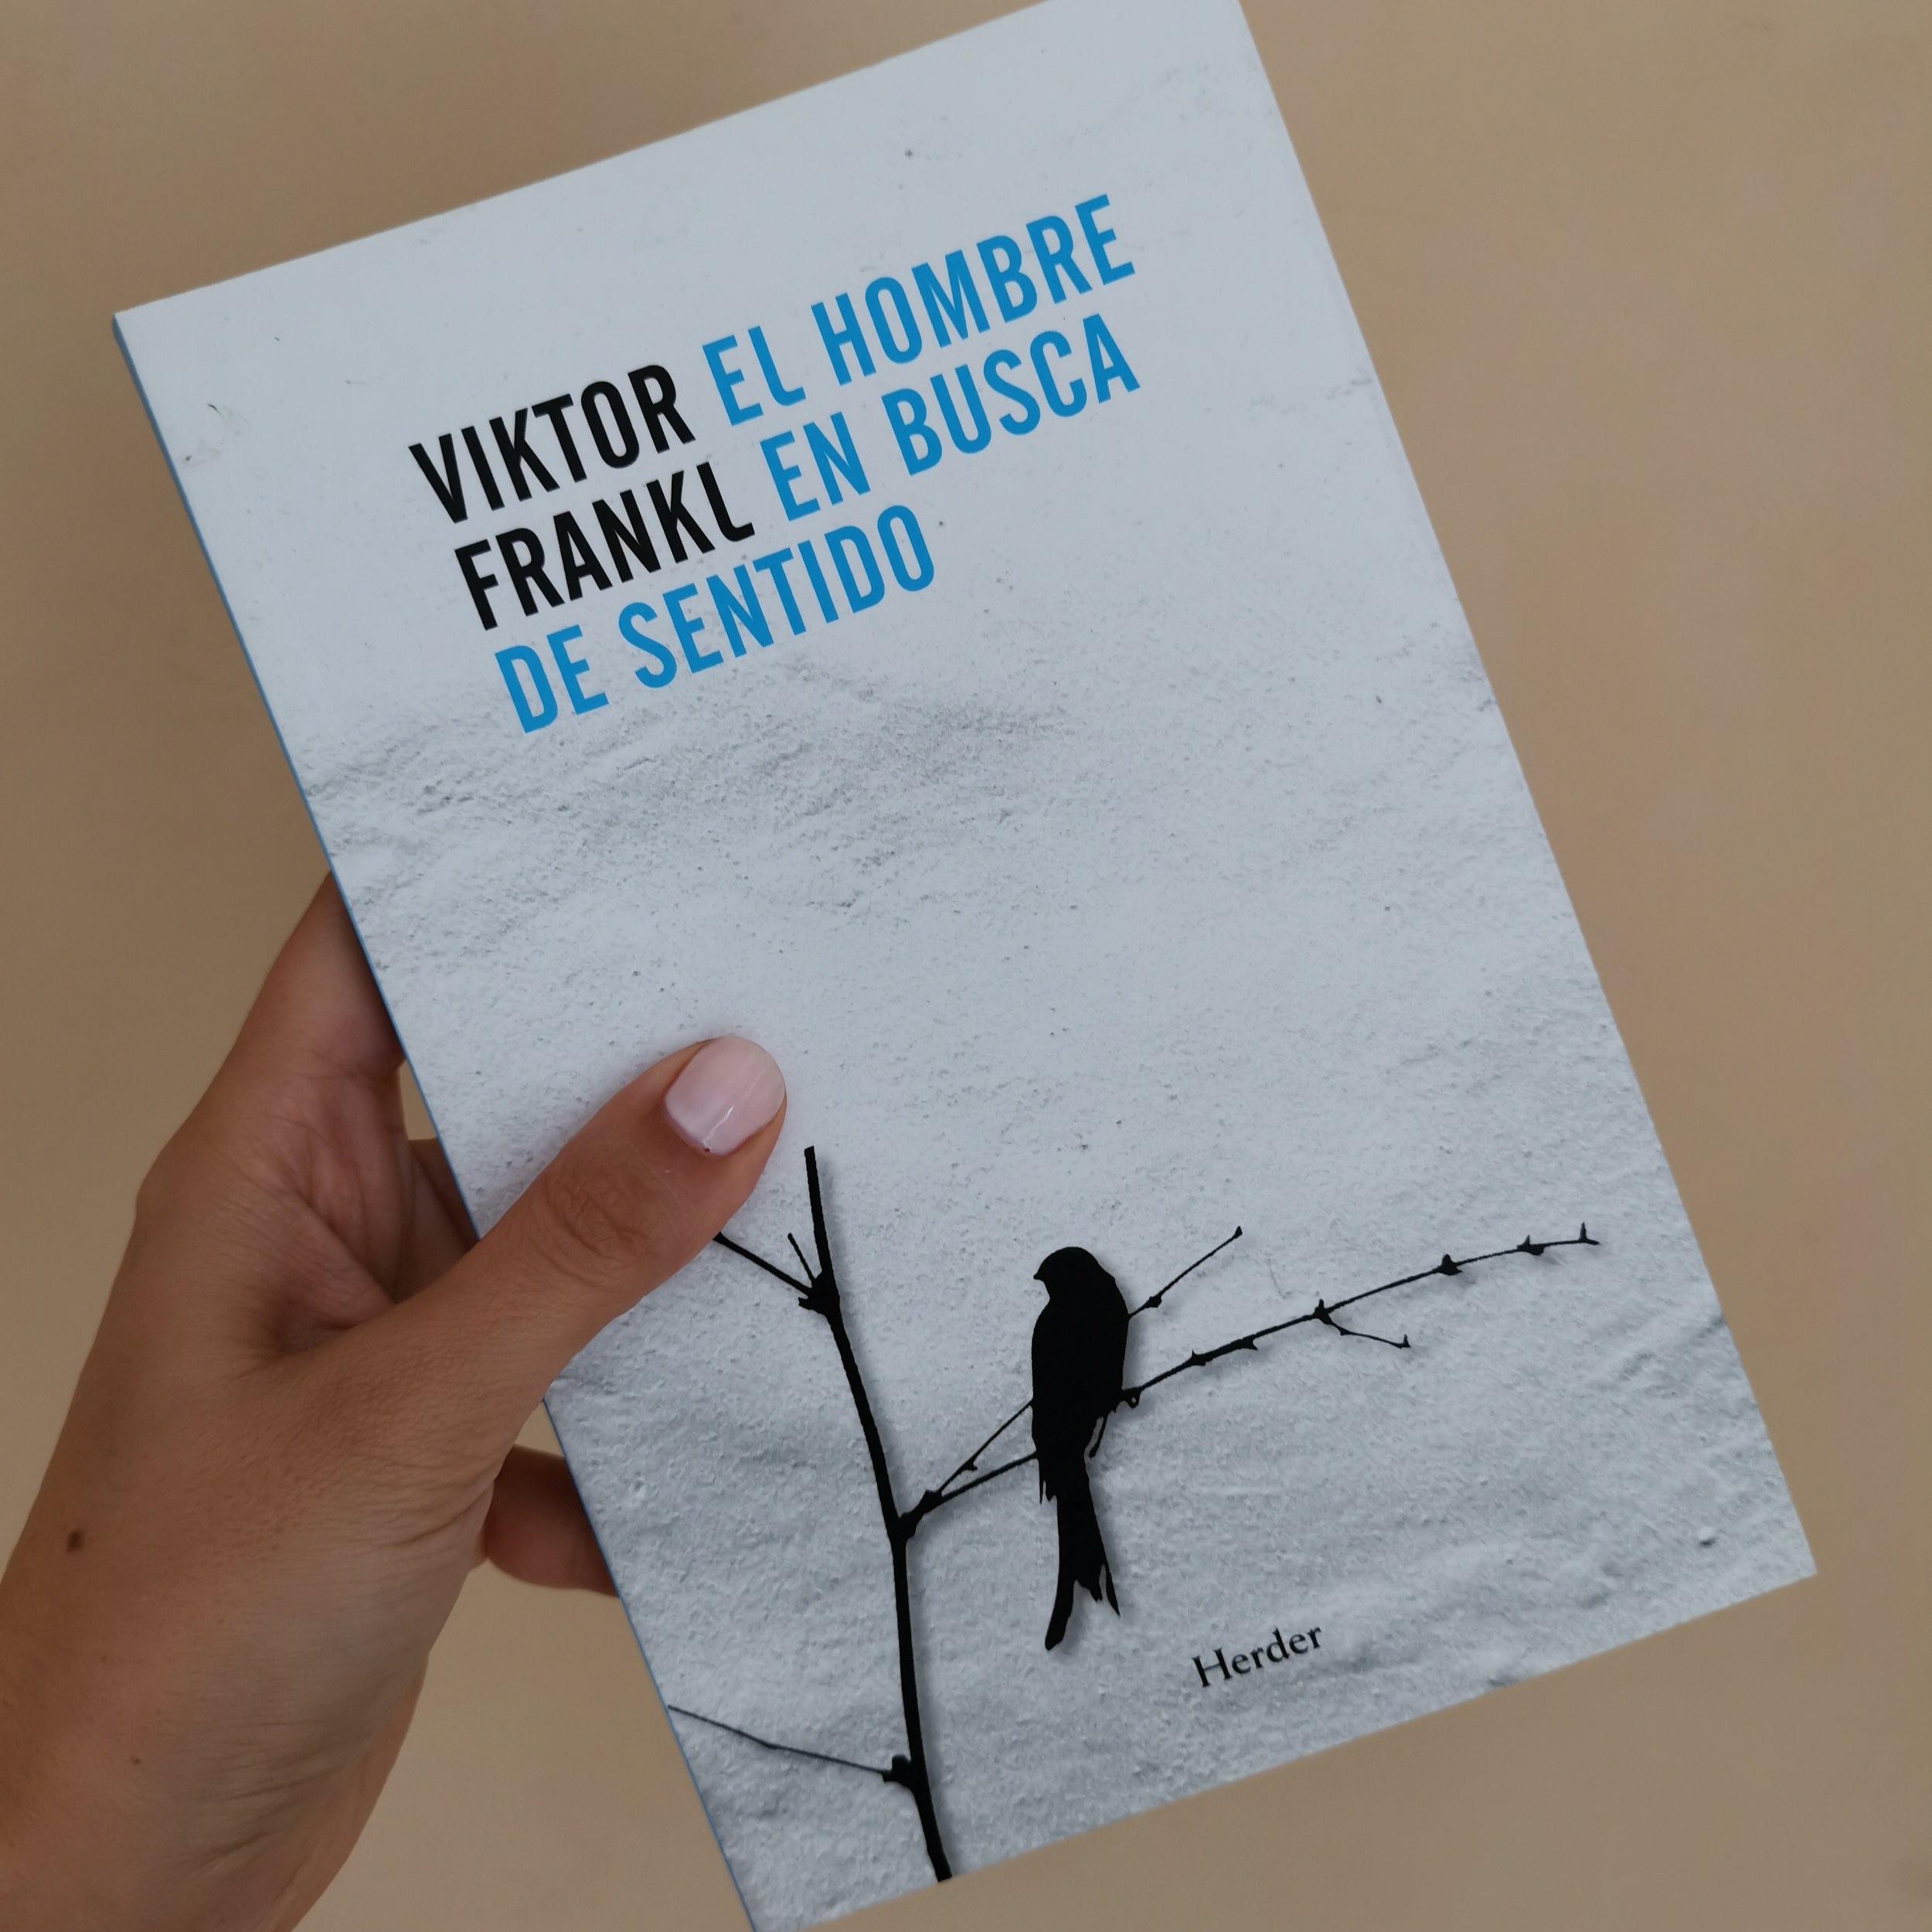 victor-frankl-el-hombre-en-busca-de-sentido-imma-rabasco-living-with-choco